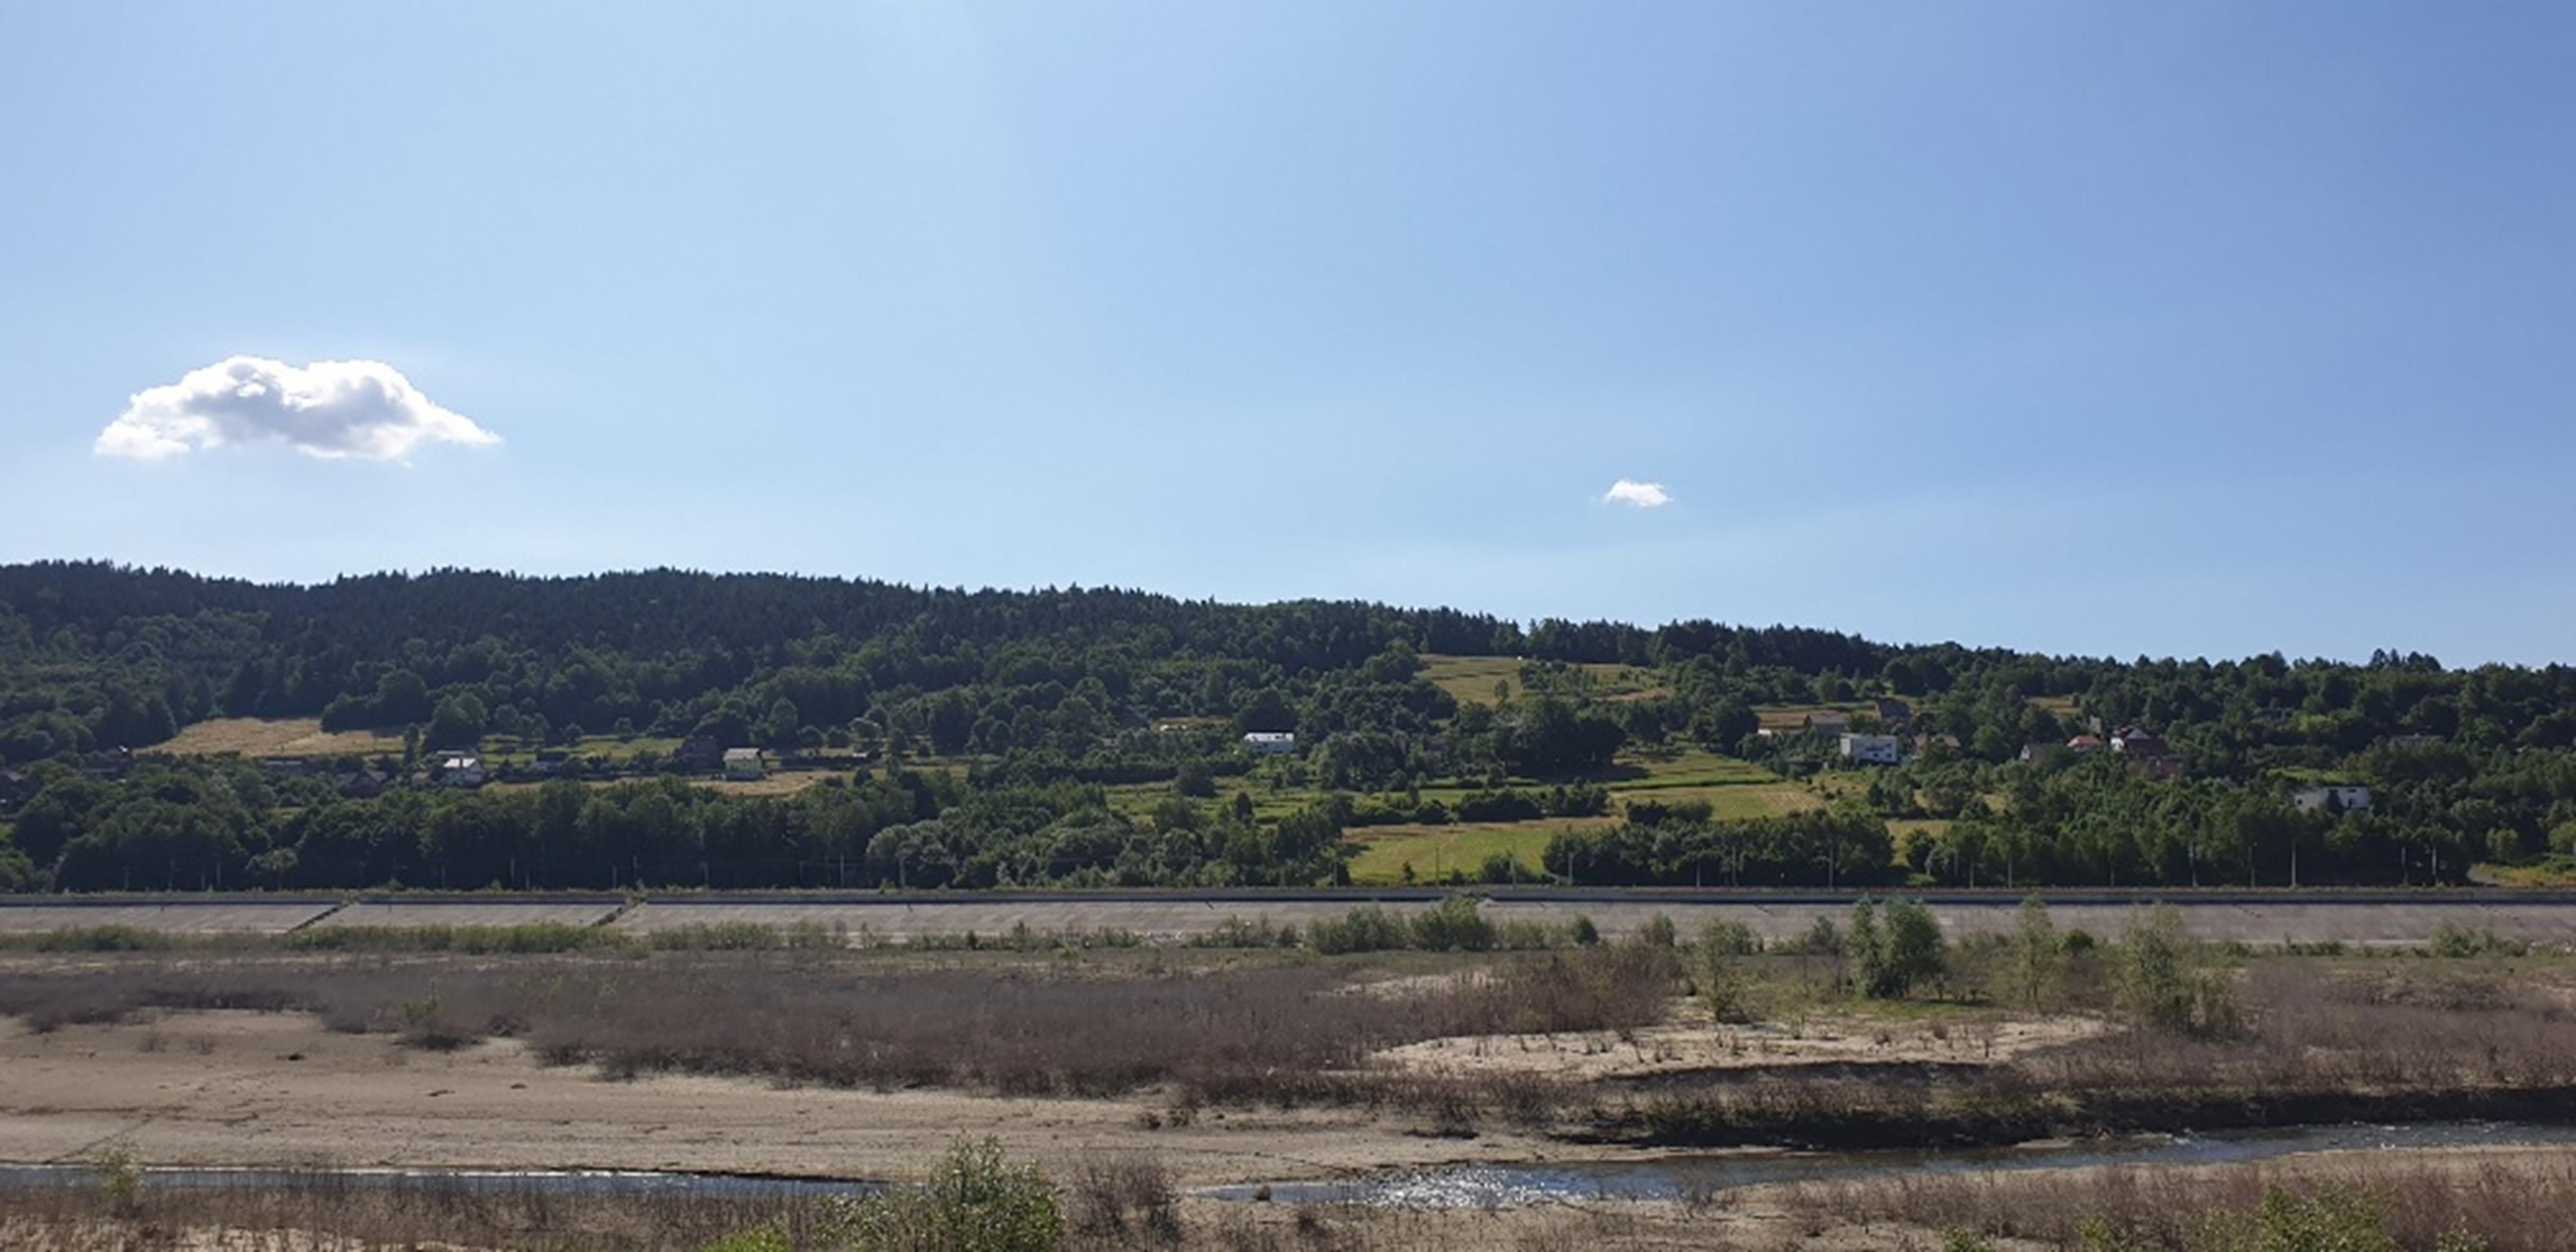 Znikające jezioro. Taki widok pozostanie przynajmniej do przyszłego roku